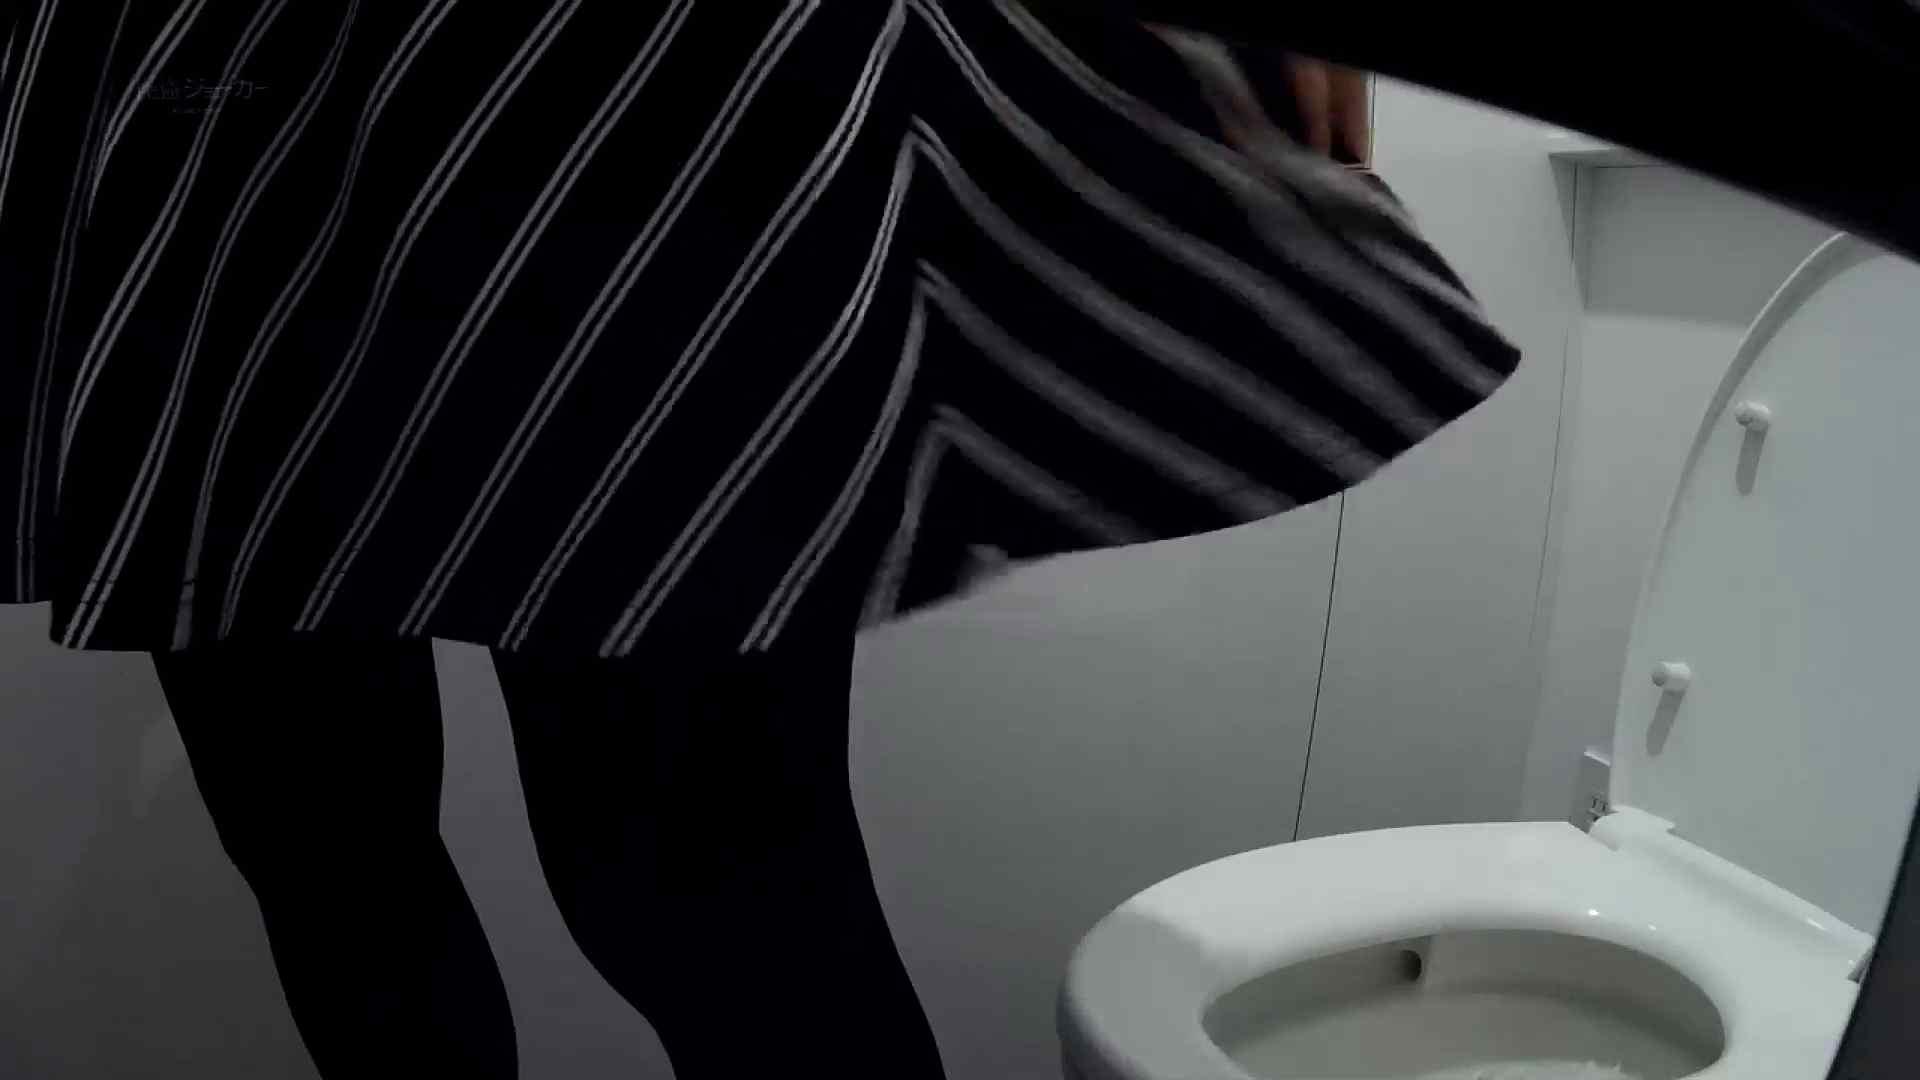 有名大学女性洗面所 vol.57 S級美女マルチアングル撮り!! お姉さんのSEX 濡れ場動画紹介 80枚 65